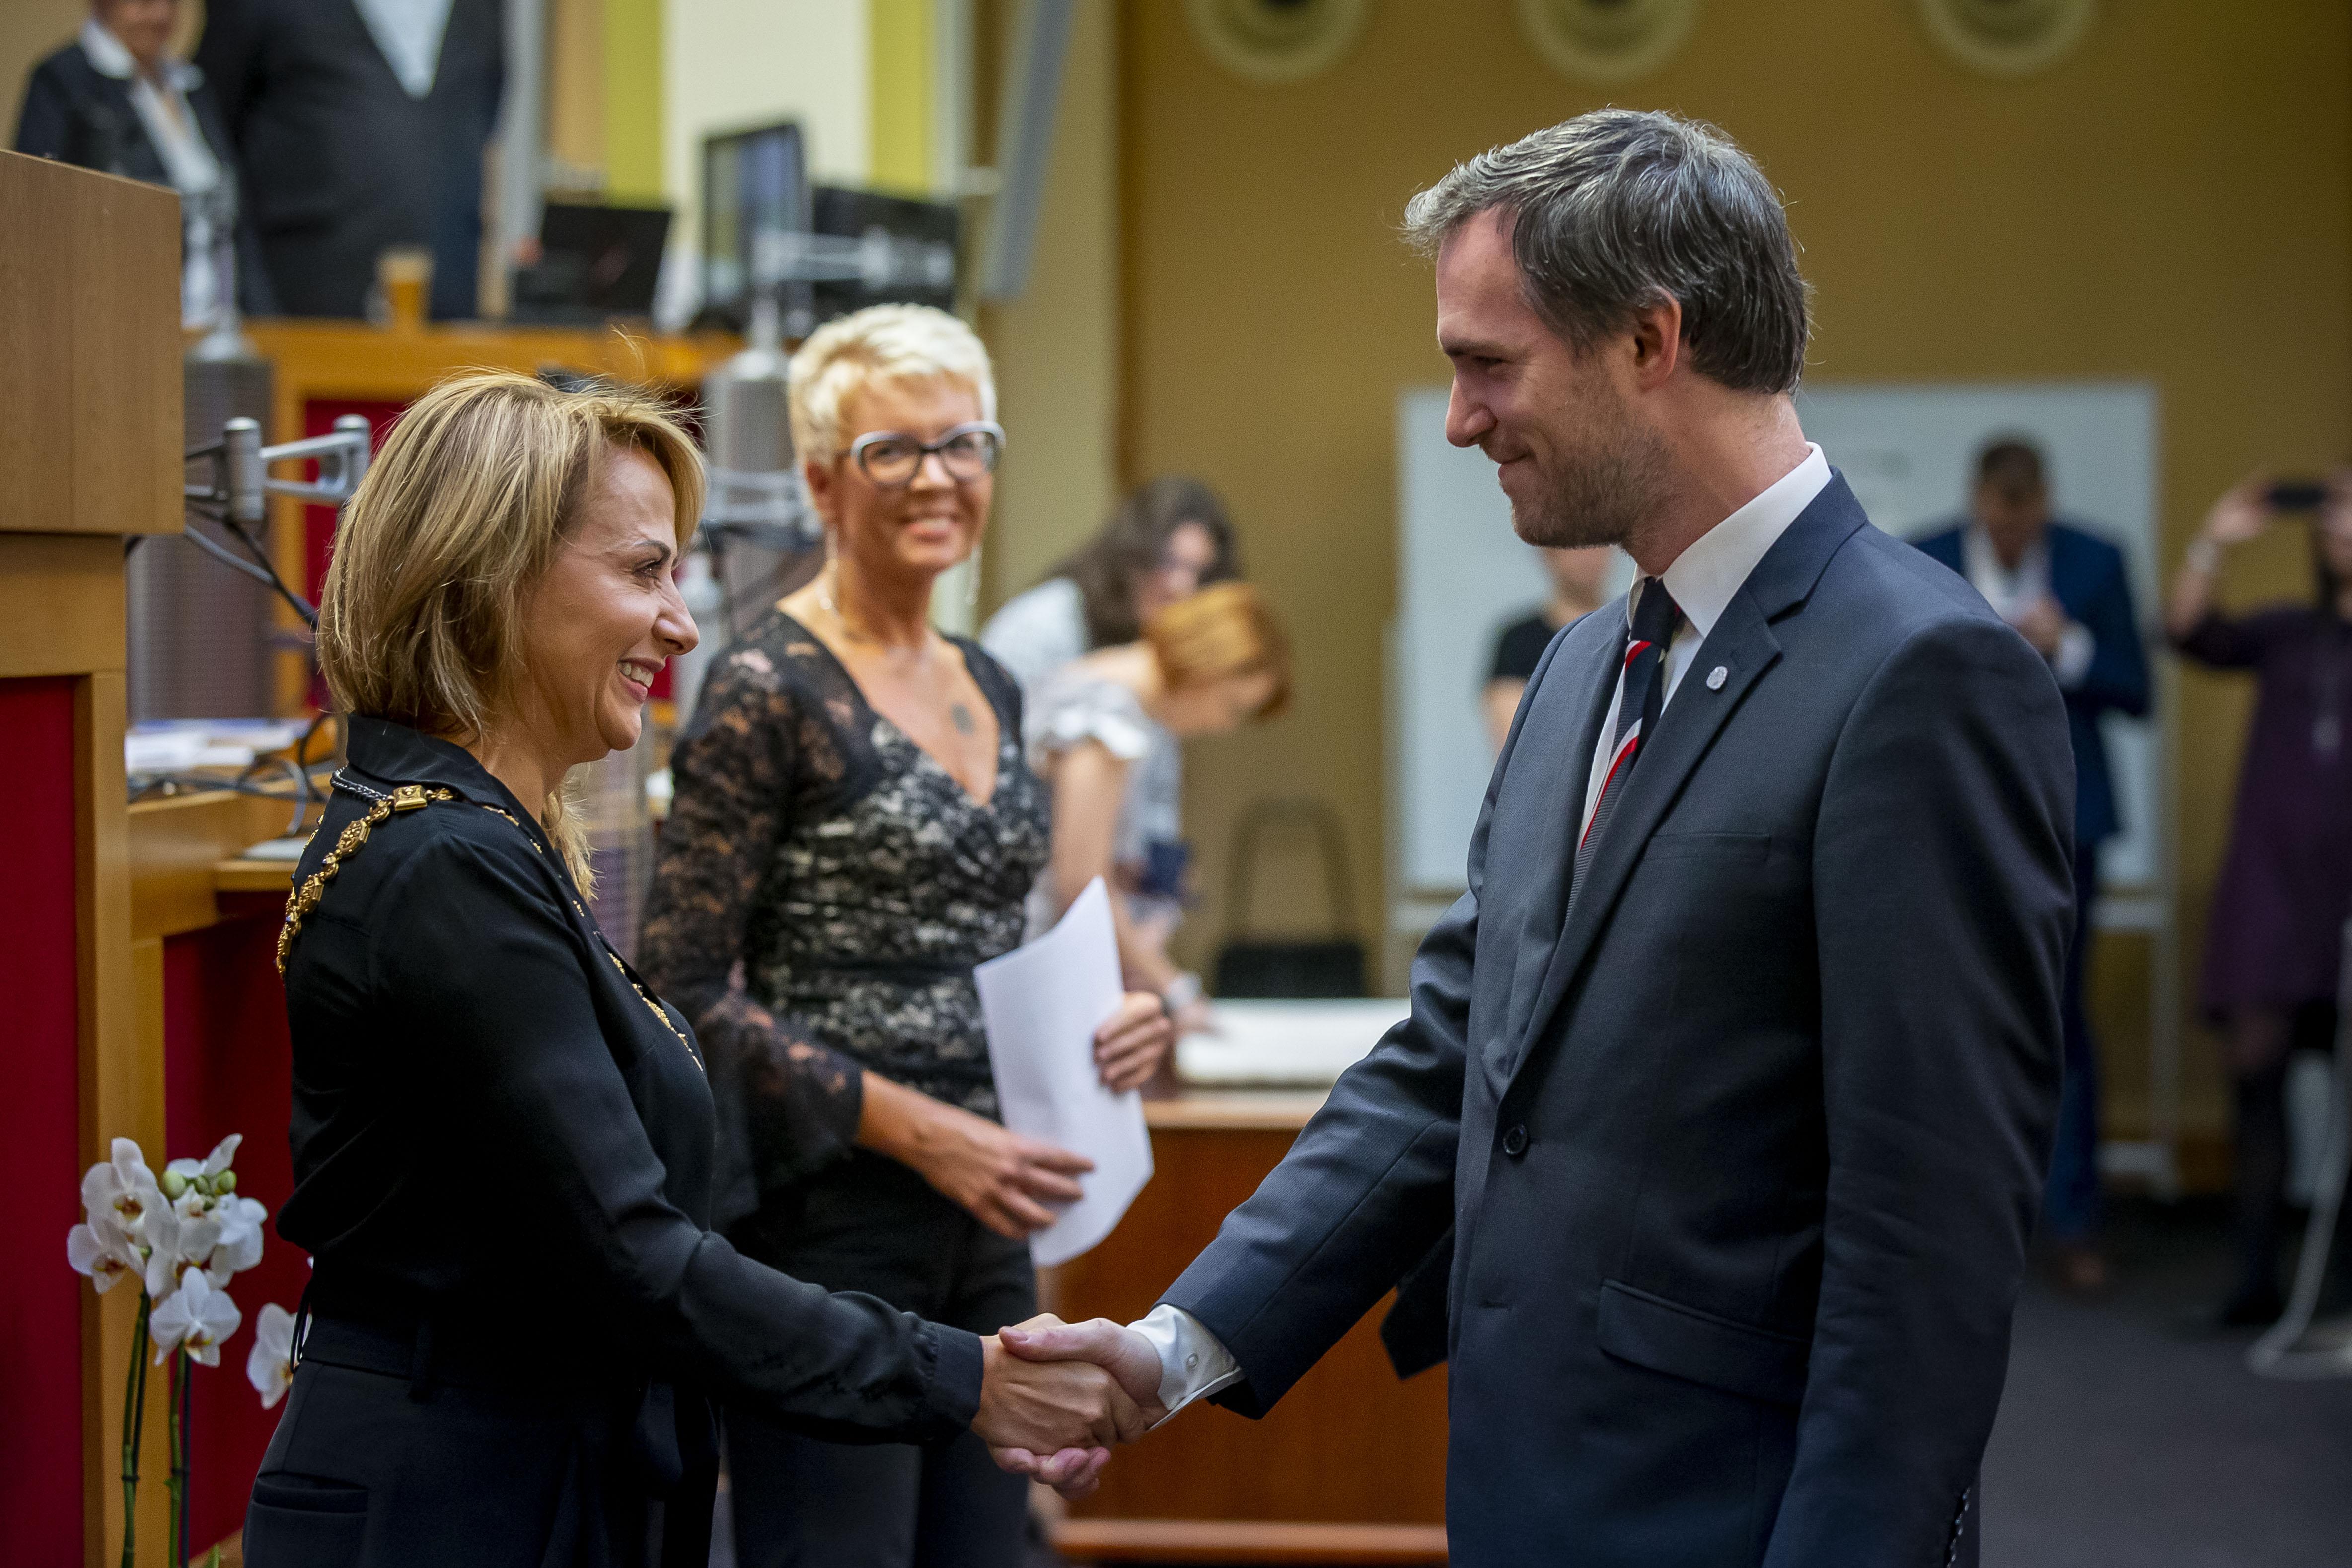 Zastupitelé právě zvolili Zdeňka Hřiba na post pražského primátora.